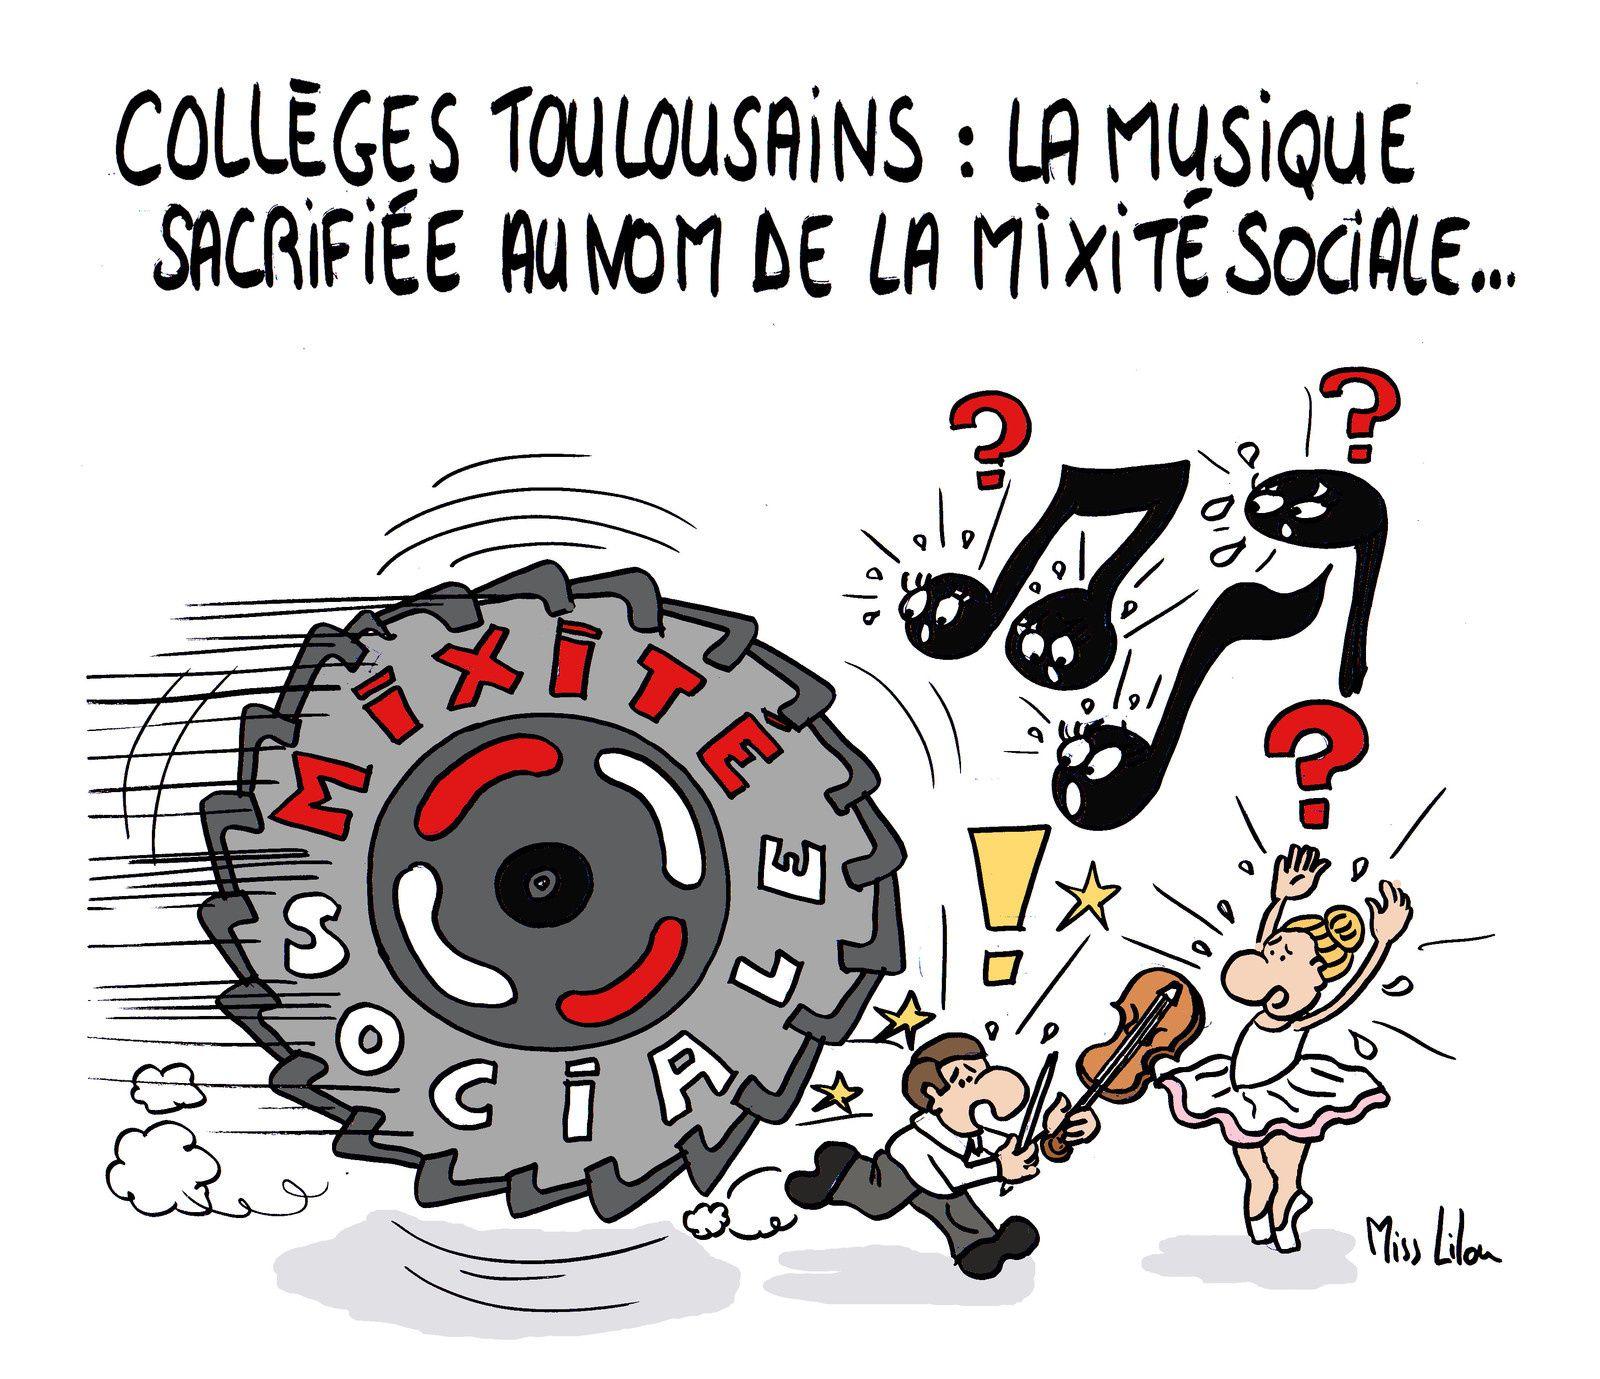 Collèges toulousains : la musique sacrifiée au nom de la mixité sociale...